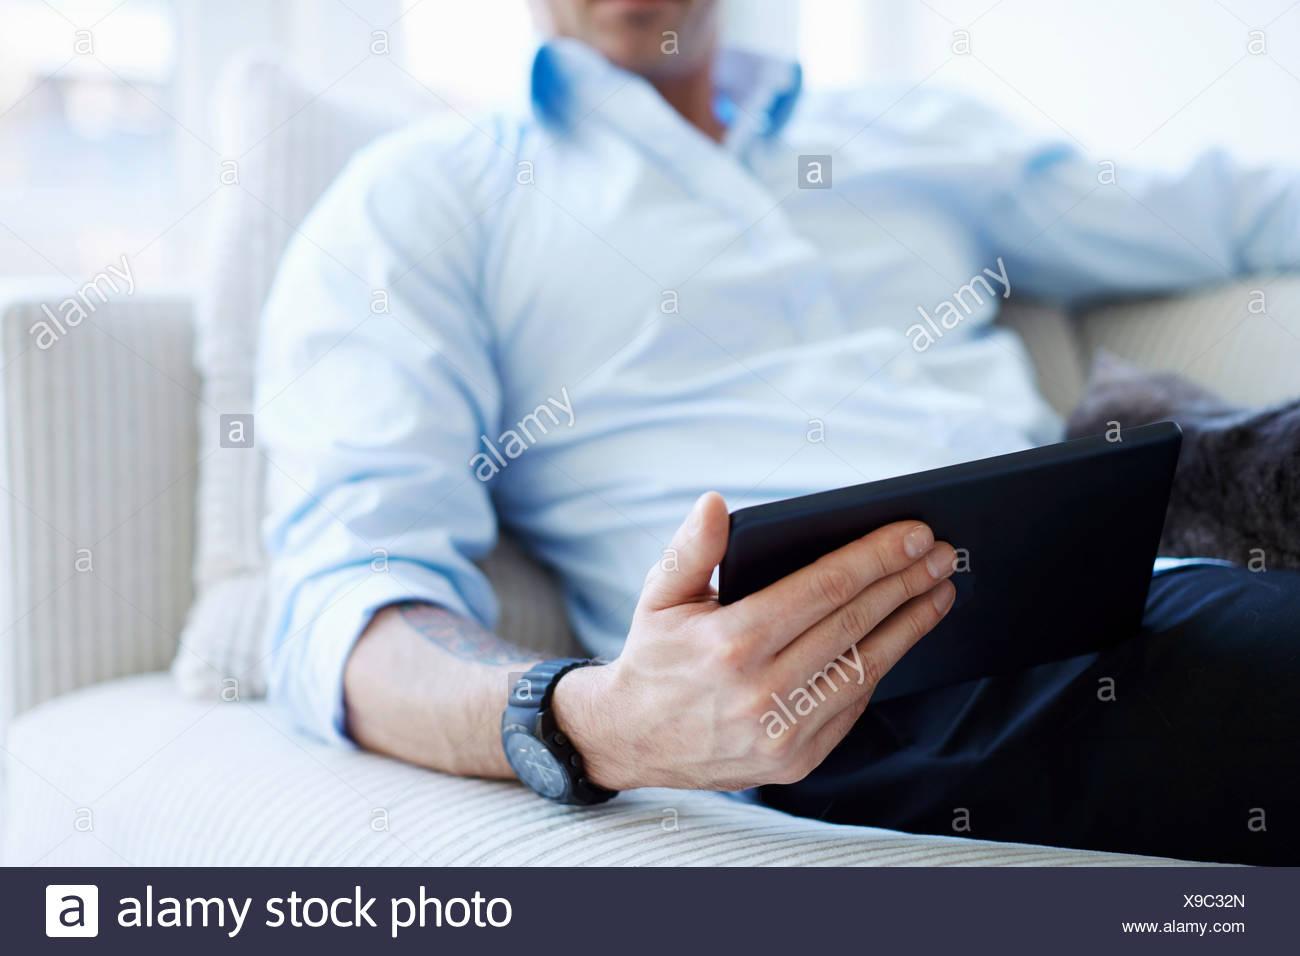 Captura recortada del hombre sujetando parte media tableta digital Imagen De Stock